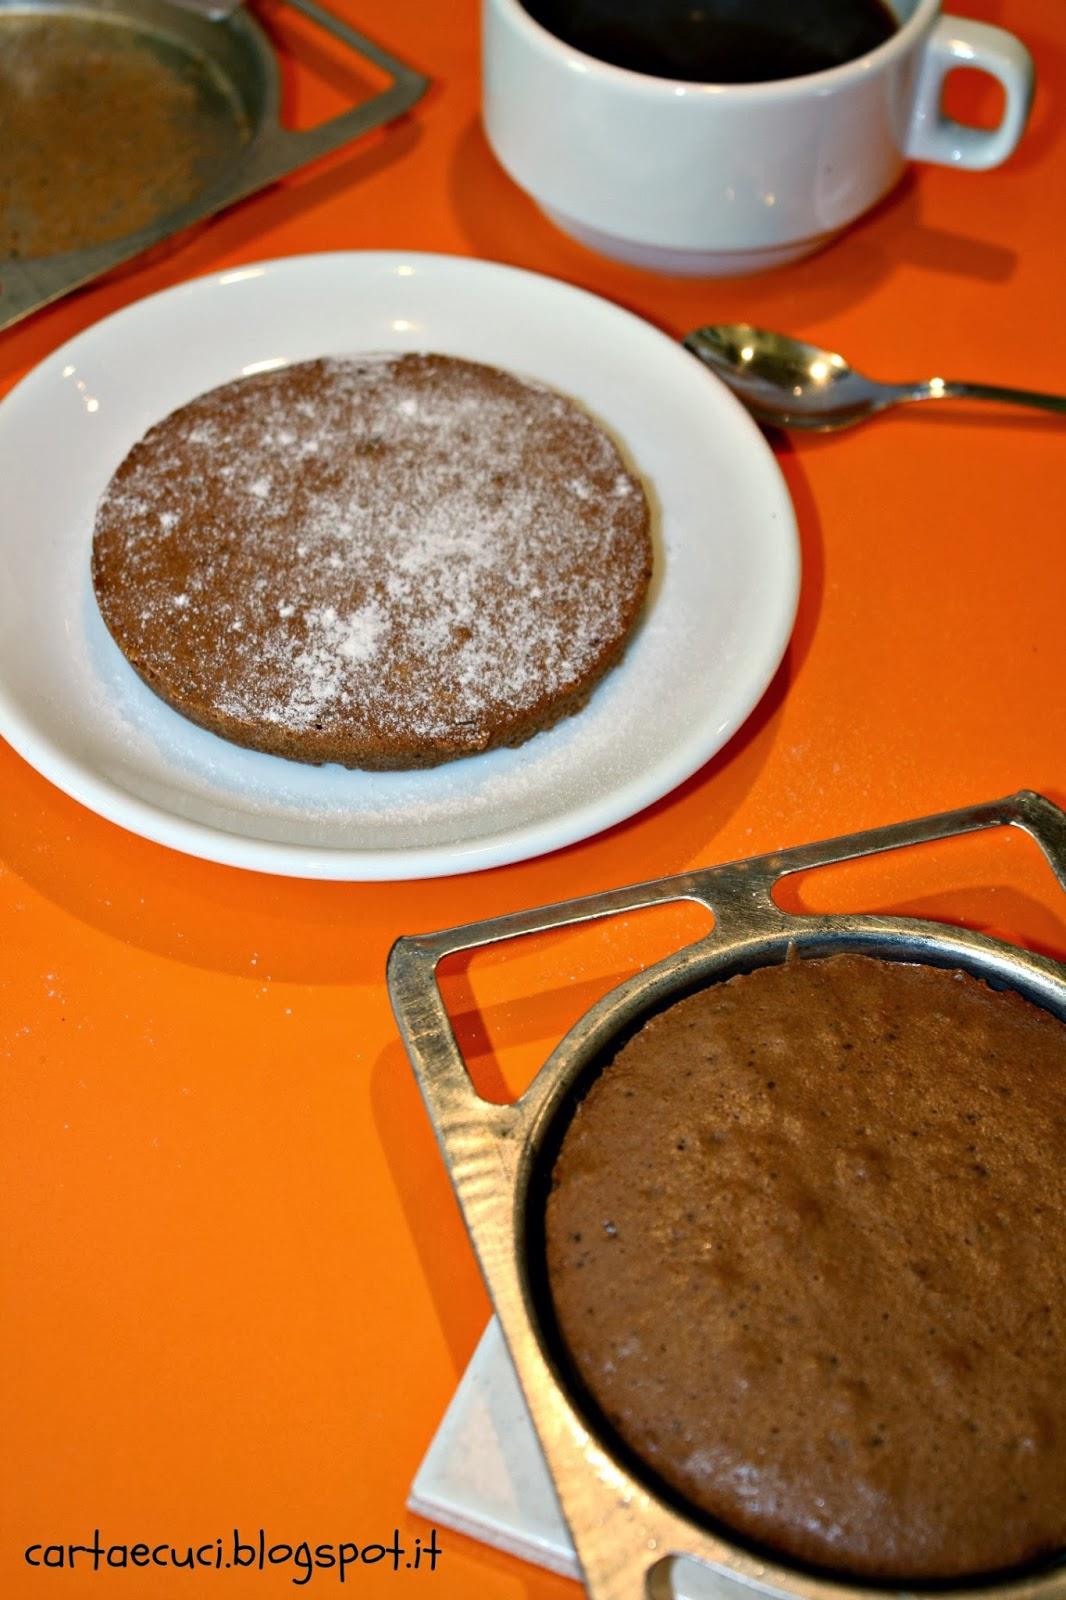 http://cartaecuci.blogspot.it/2014/03/il-dolce-forno-dolce-al-cioccolato-52.html